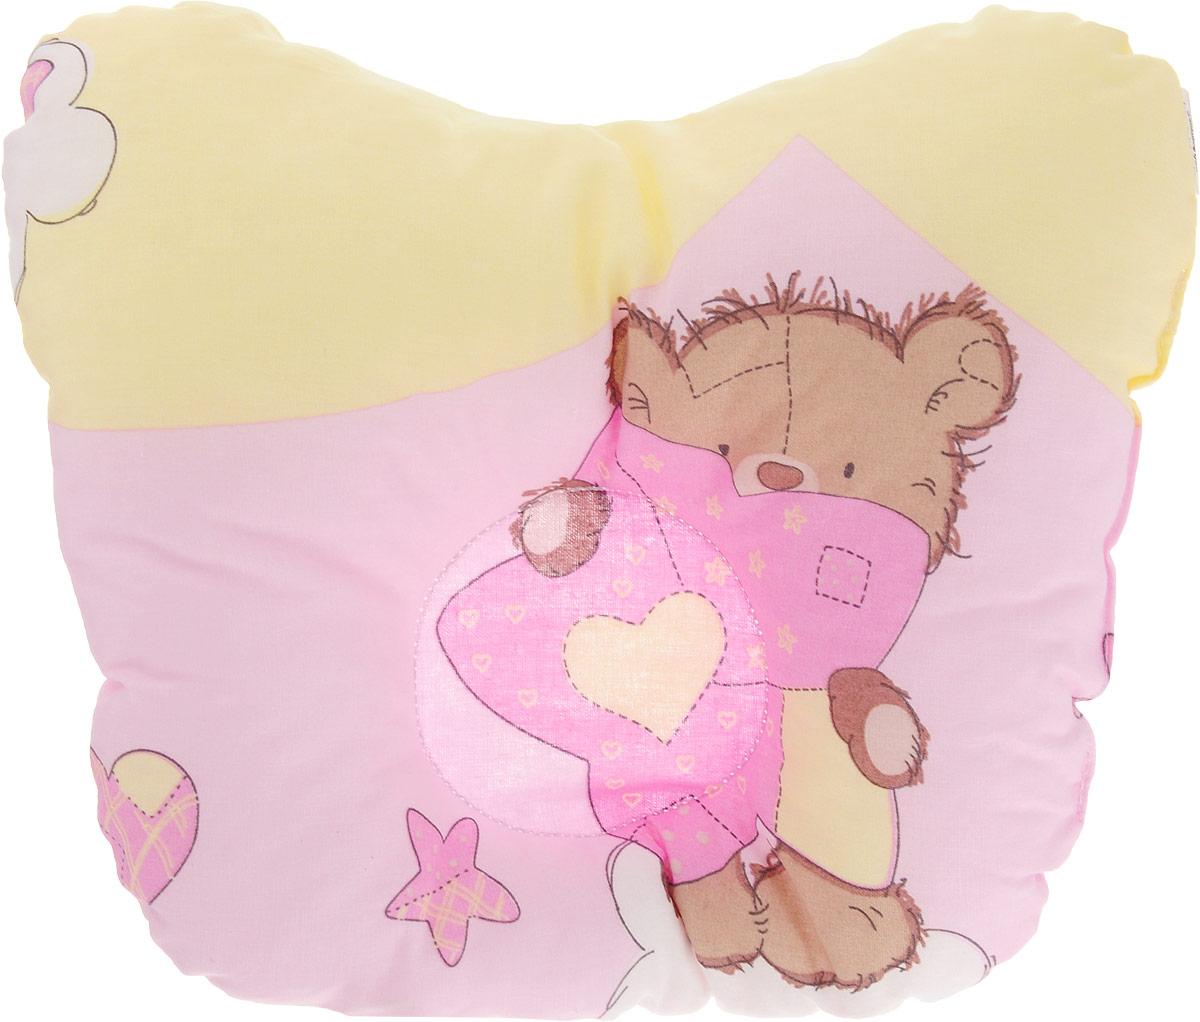 Сонный гномик Подушка анатомическая для младенцев Мишка 27 х 20 см555А/желтый, розовыйАнатомическая подушка для младенцев Сонный гномик Мишка изготовлена из бязи - 100% хлопка. Наполнитель - синтепон в гранулах (100% полиэстер). Подушка компактна и удобна для пеленания малыша и кормления на руках, она также незаменима для сна ребенка в кроватке и комфортна для использования в коляске на прогулке. Углубление в подушке фиксирует правильное положение головы ребенка. Подушка помогает правильному формированию шейного отдела позвоночника.